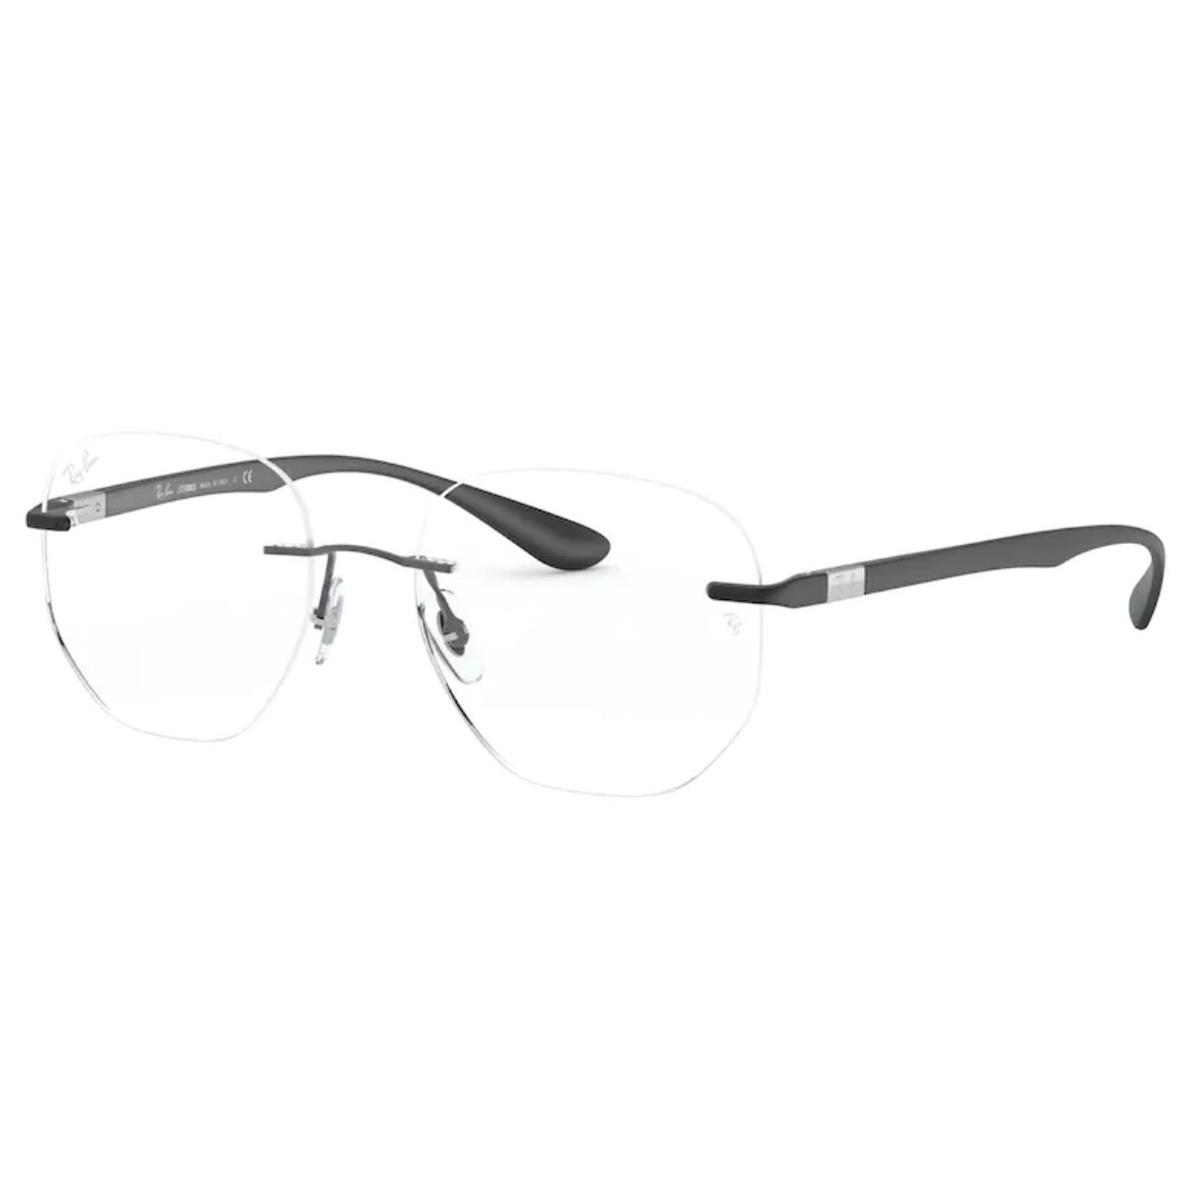 Óculos de Grau Ray Ban RX8766 Titanium Redondo Preto Fosco